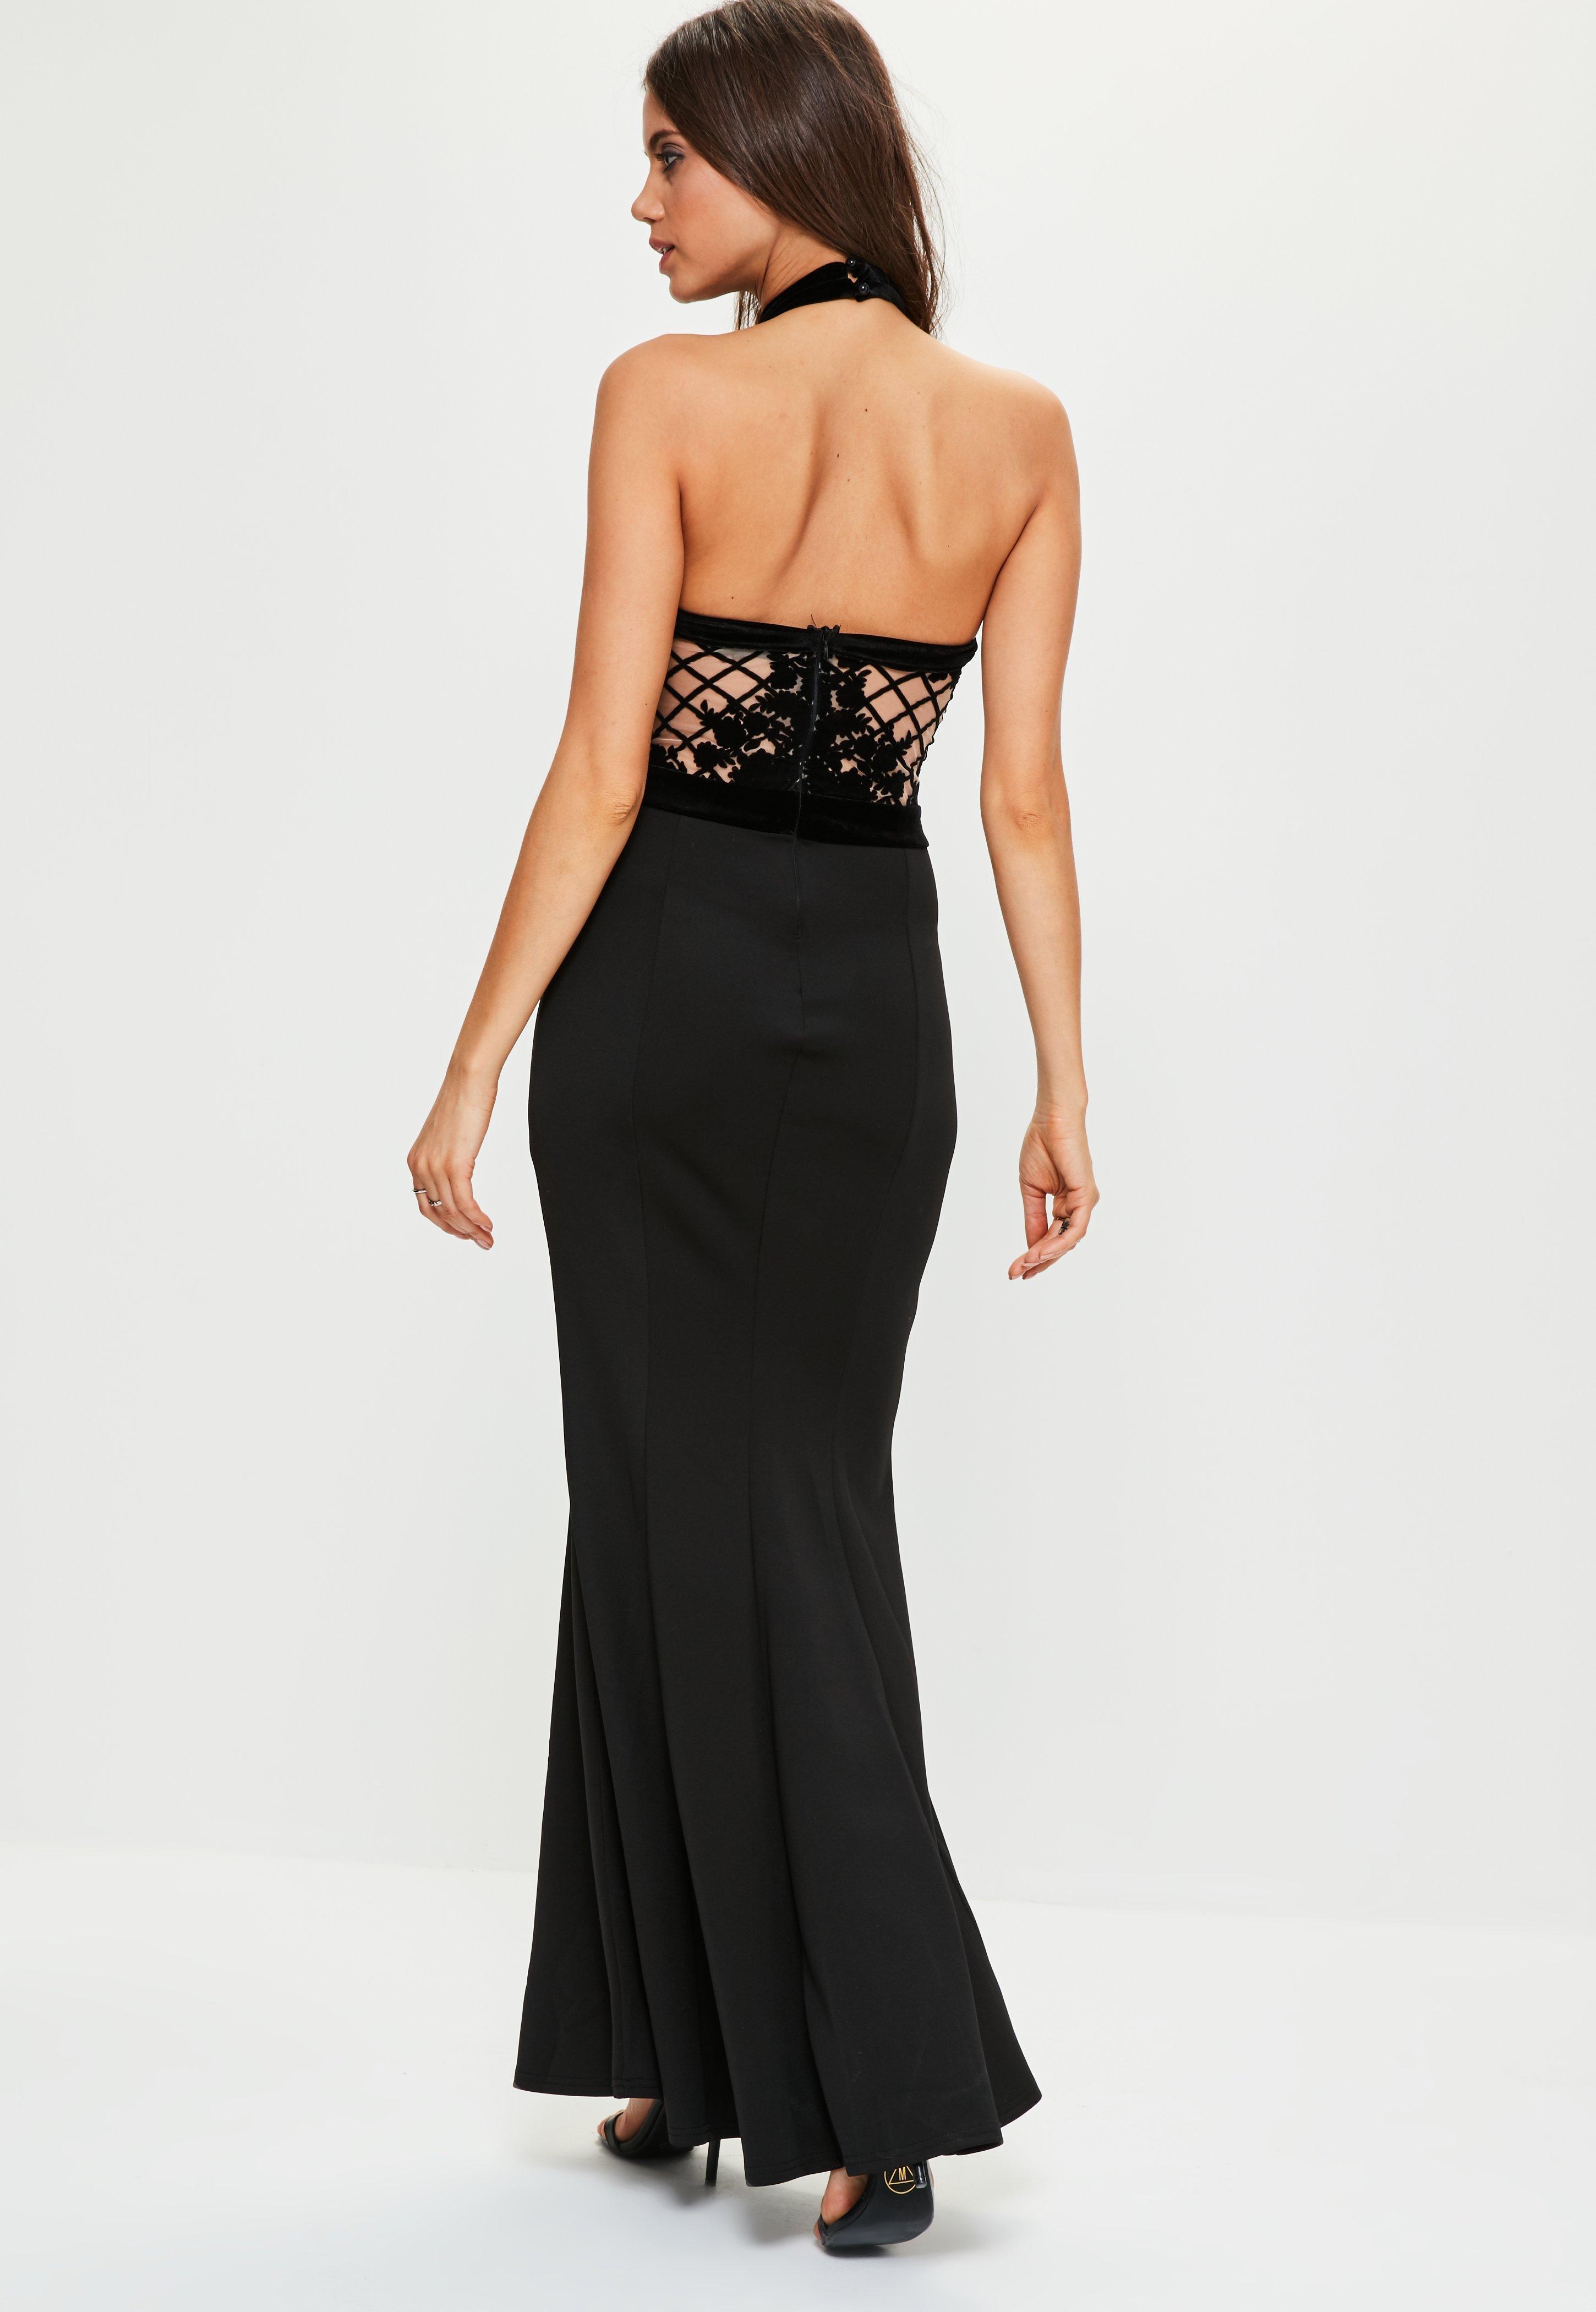 Black Grid Flock Fishtail Maxi Dress